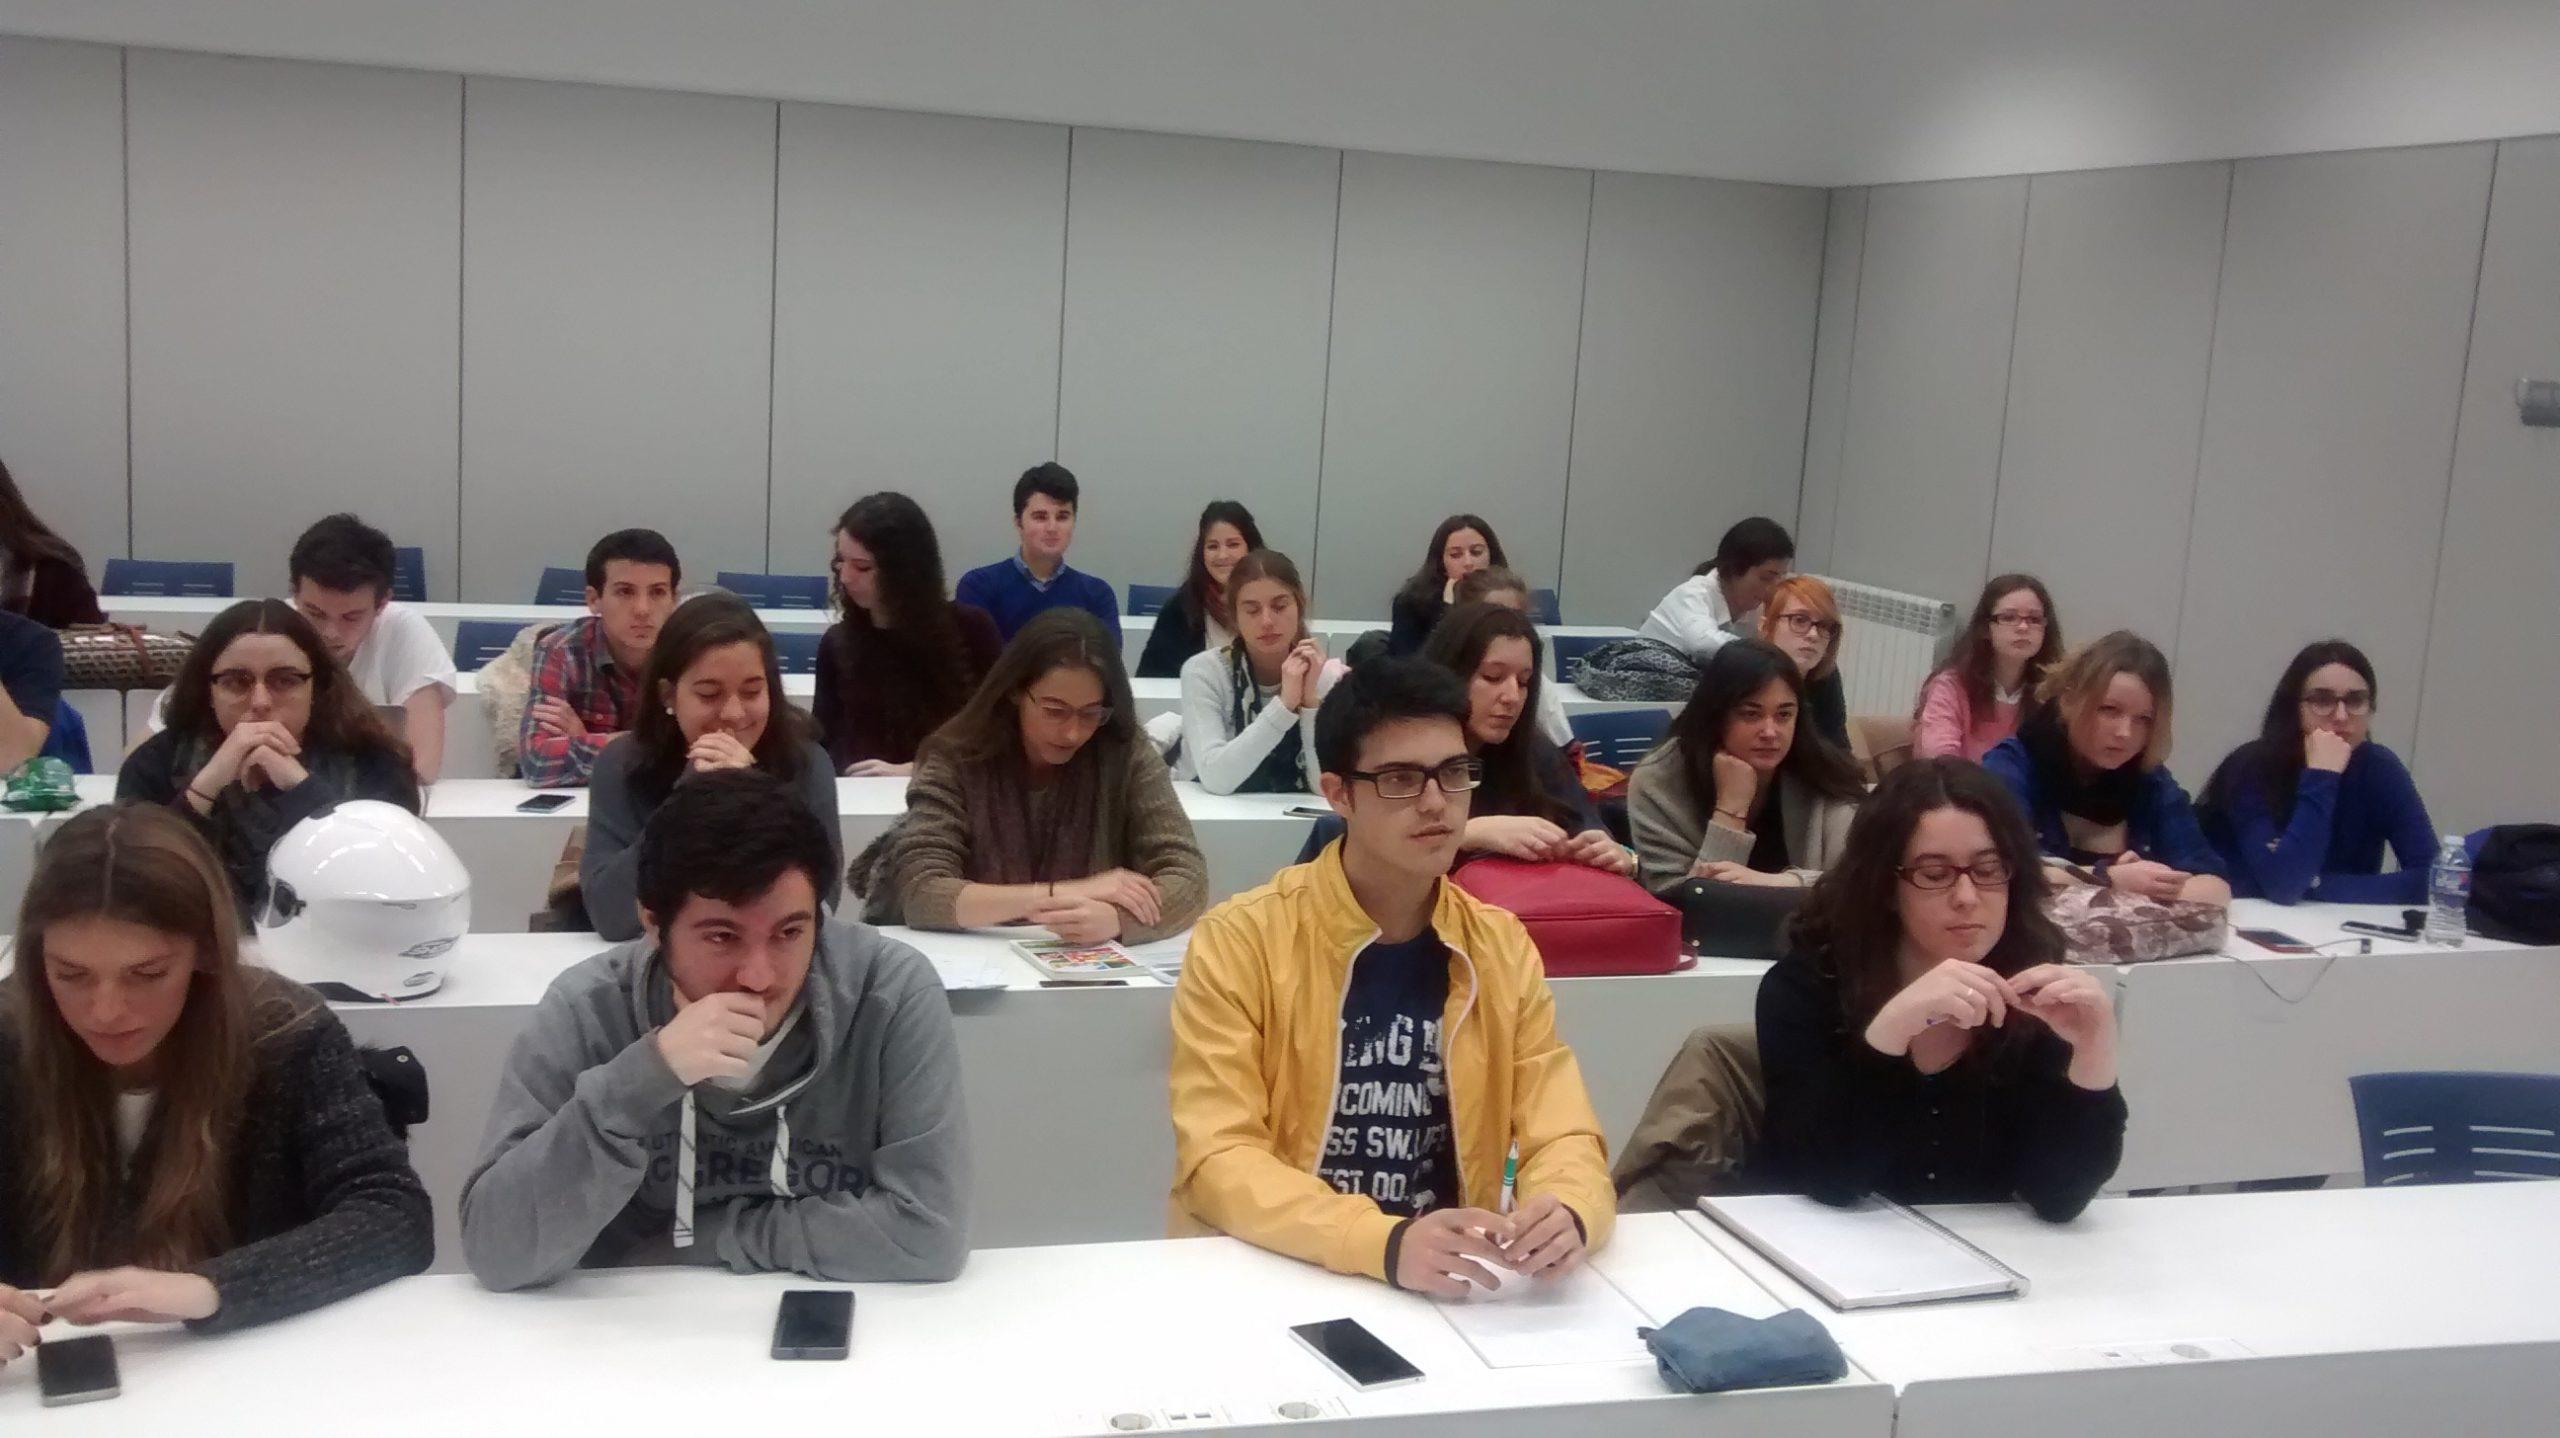 Sesión informativa, Universidad Loyola Andalucía.16 de marzo de 2016.